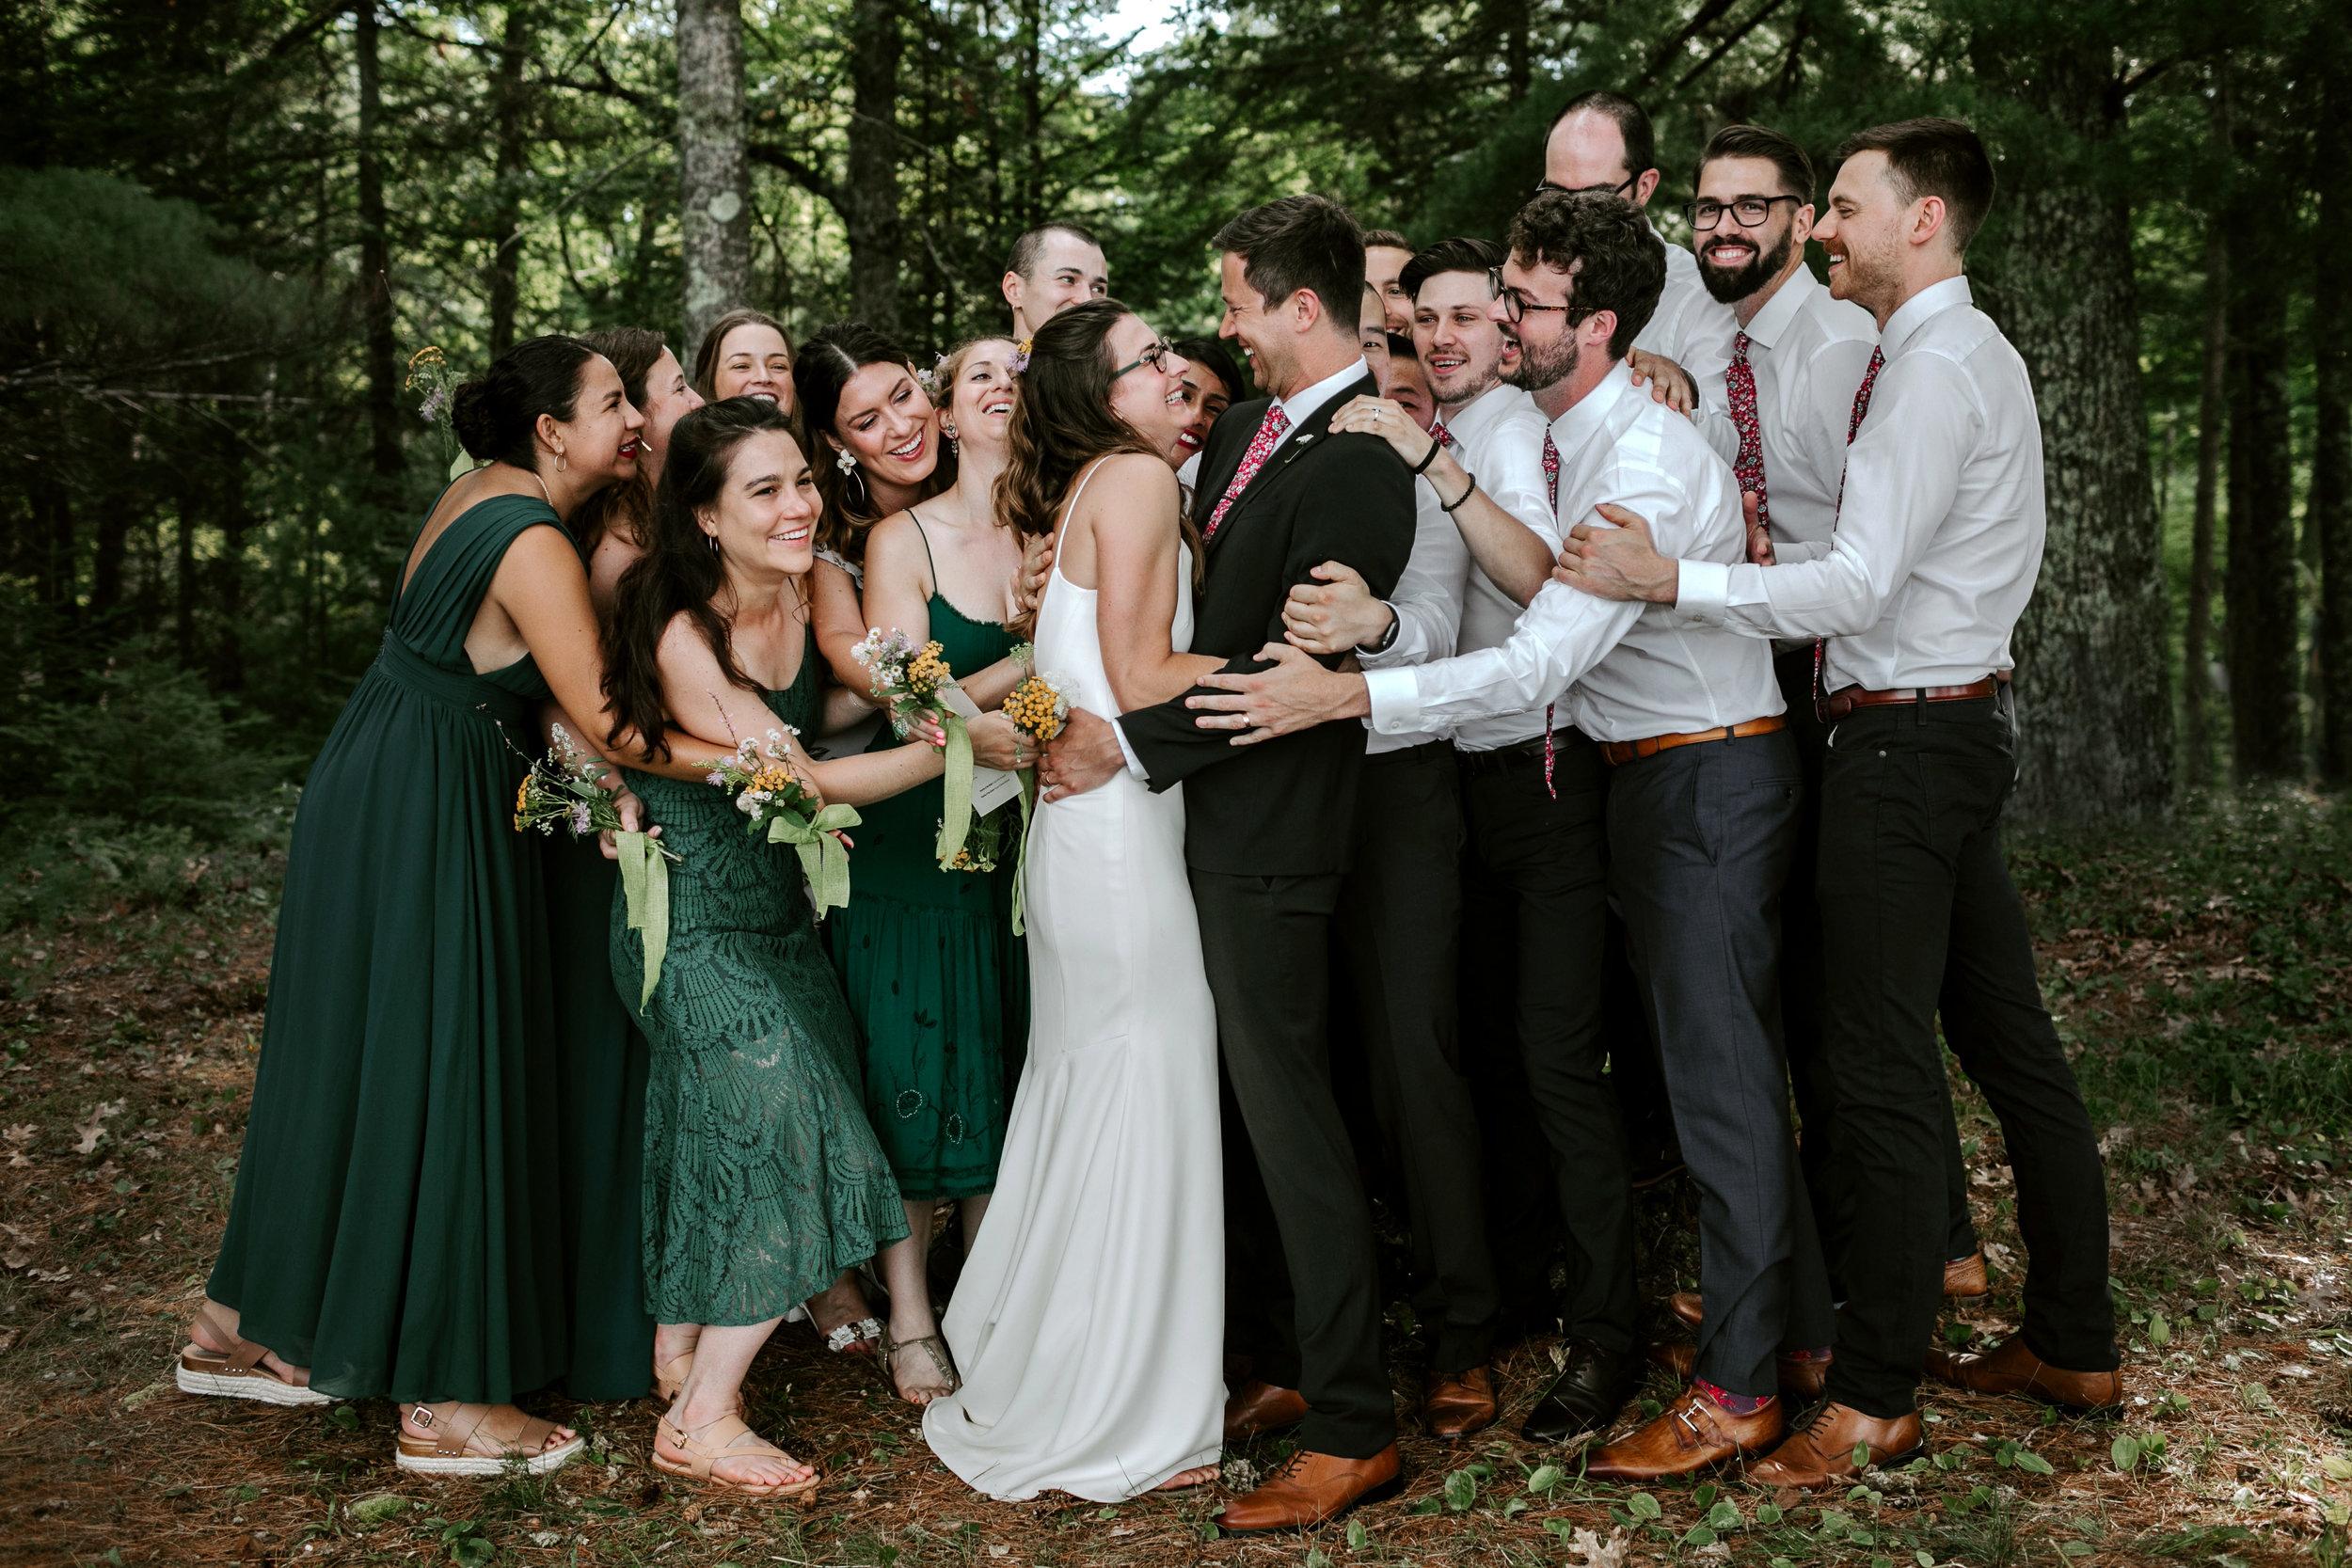 cmp-adam-addie-wedding-509.jpg